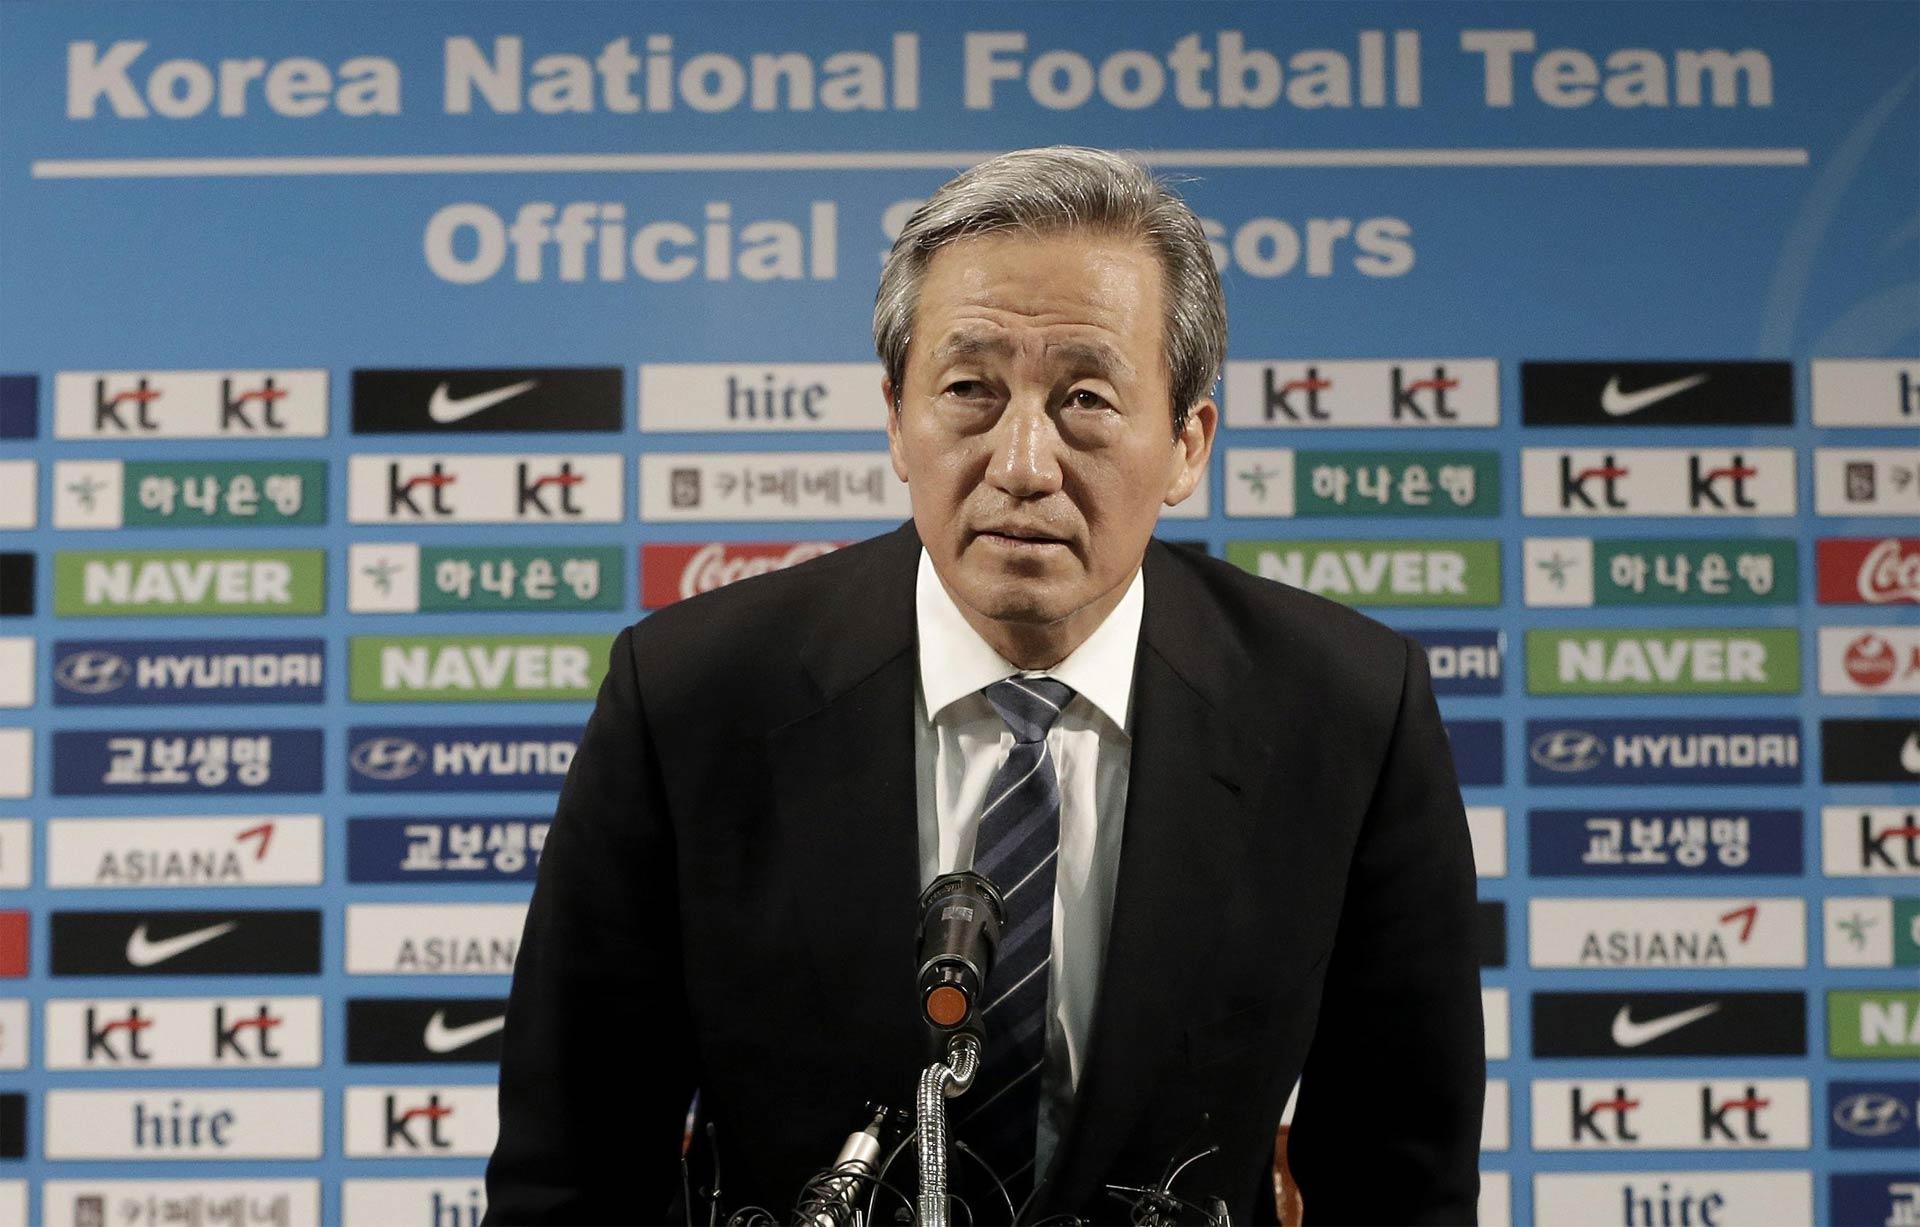 El ex vicepresidente de la FIFA que también está siendo investigado por el ente, ahora quiere demandar a Blatter